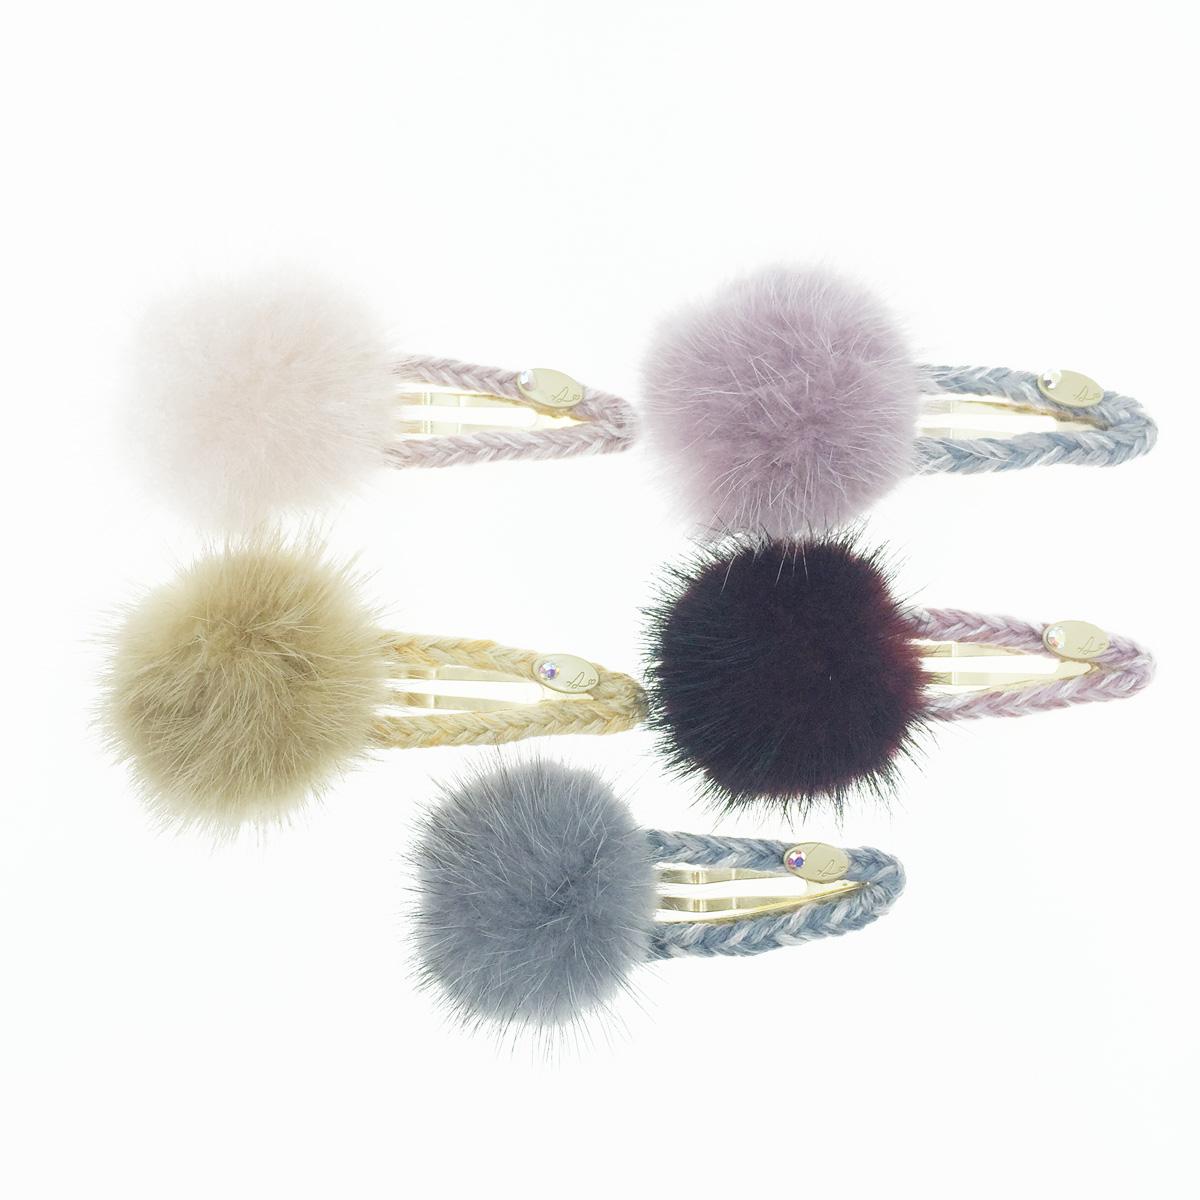 韓國 編織毛線 立體大毛球 5色 簍空 水鑽金吊牌 髮飾 彈力夾 髮夾